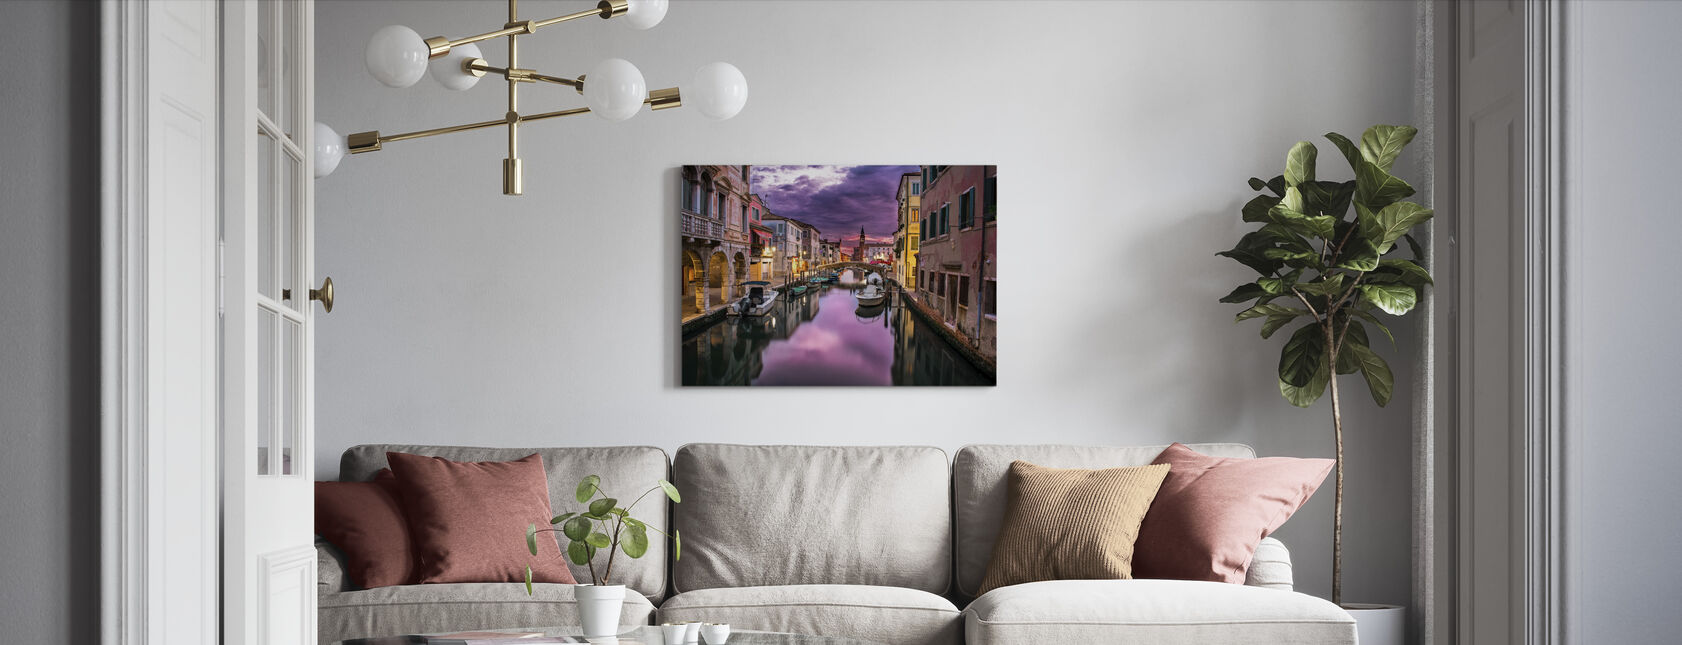 Kanal i Venezia - Lerretsbilde - Stue